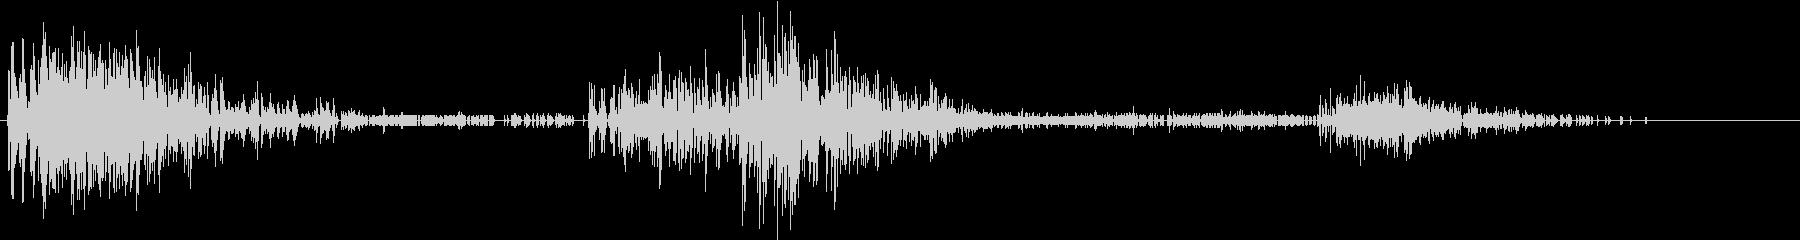 Noise デジタルノイズ 複雑な撃墜音の未再生の波形